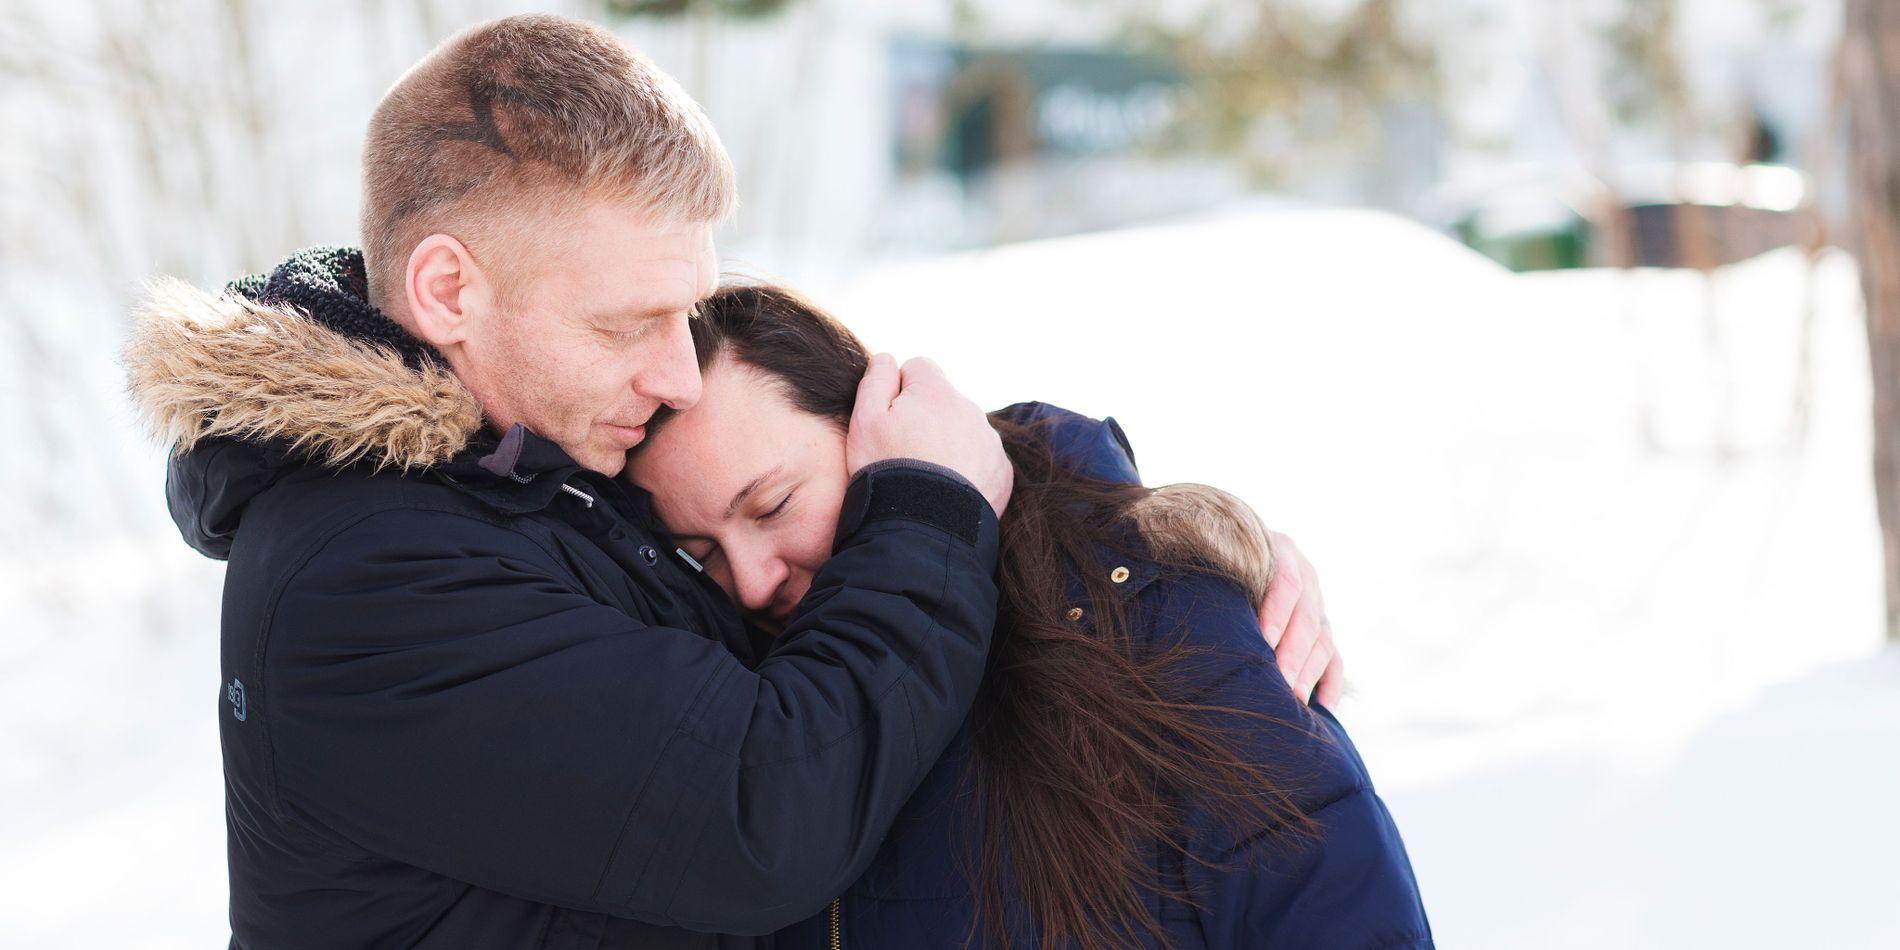 VANT FREM: Ken Joar Olsen og Vibeke Morrisey ga aldri opp kampen om å få datteren tilbake. De lyktes til slutt, og snart skal saken deres behandles av Den europeiske menneskerettsdomstolen.